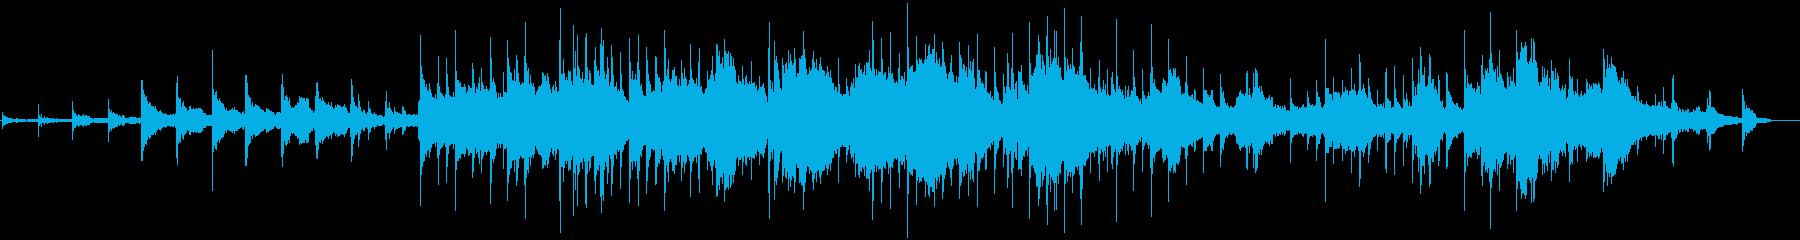 幻想的で癒されるヒーリングミュージックの再生済みの波形